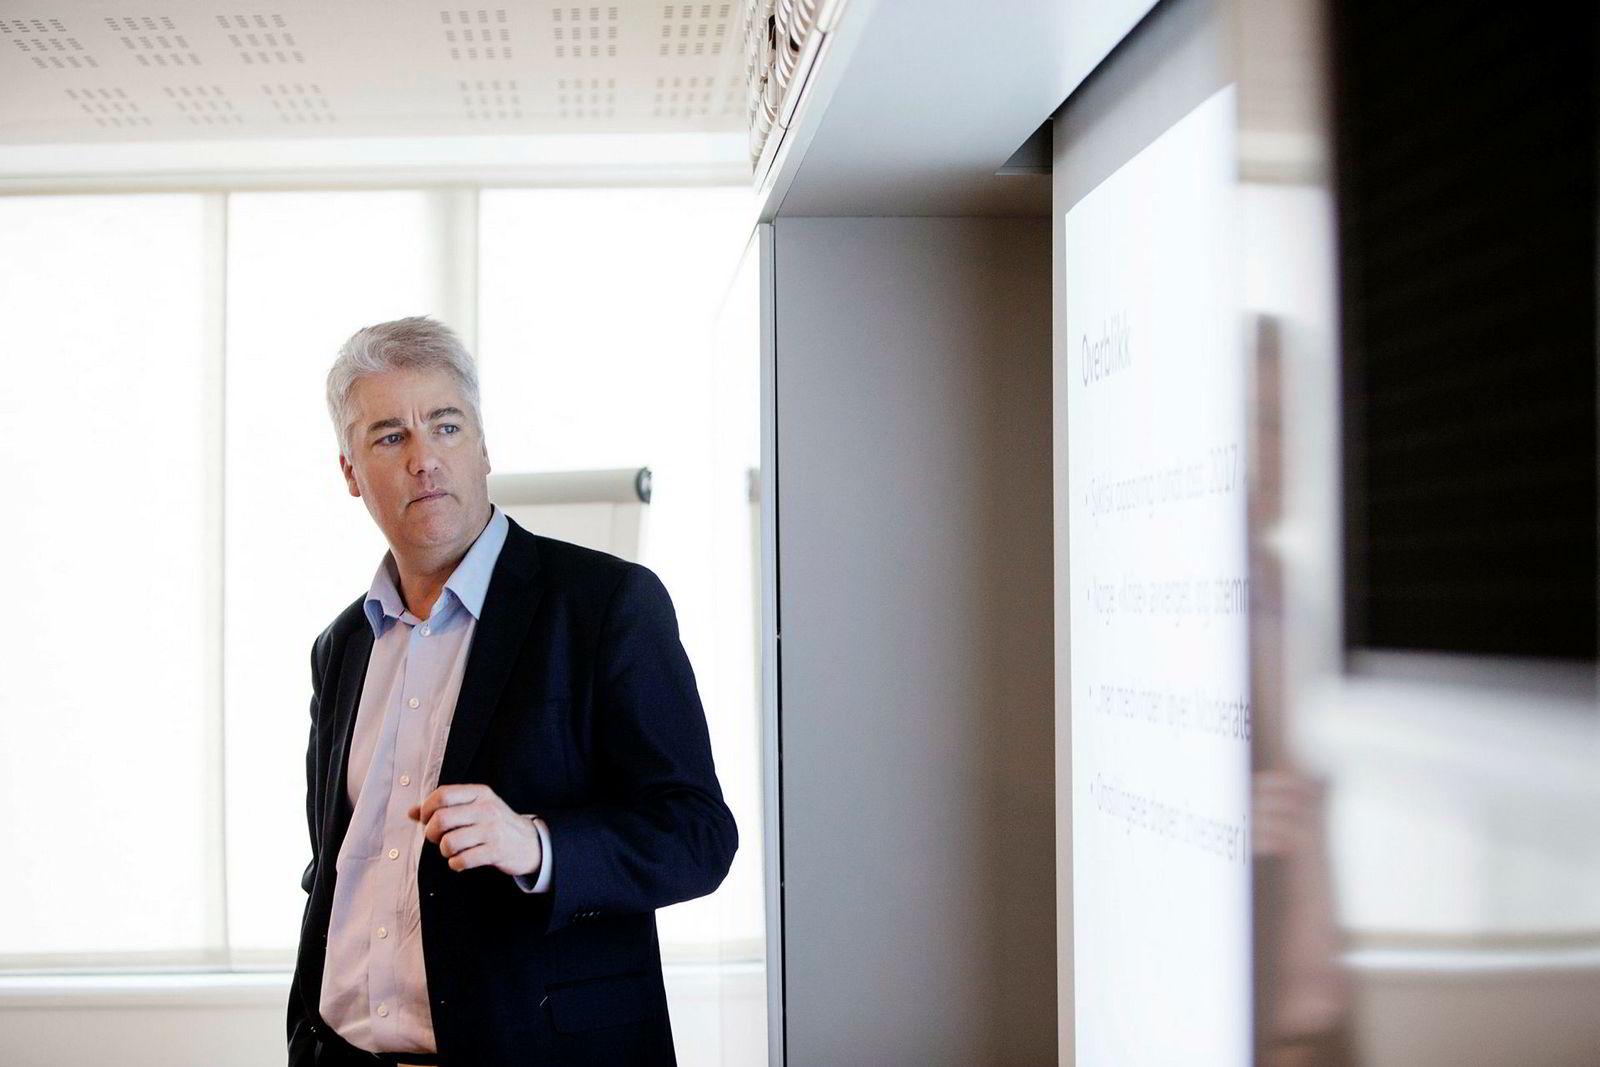 Sjeføkonom Øystein Dørum tror flere av ytelsene kan bli avviklet som en følge av forslaget.